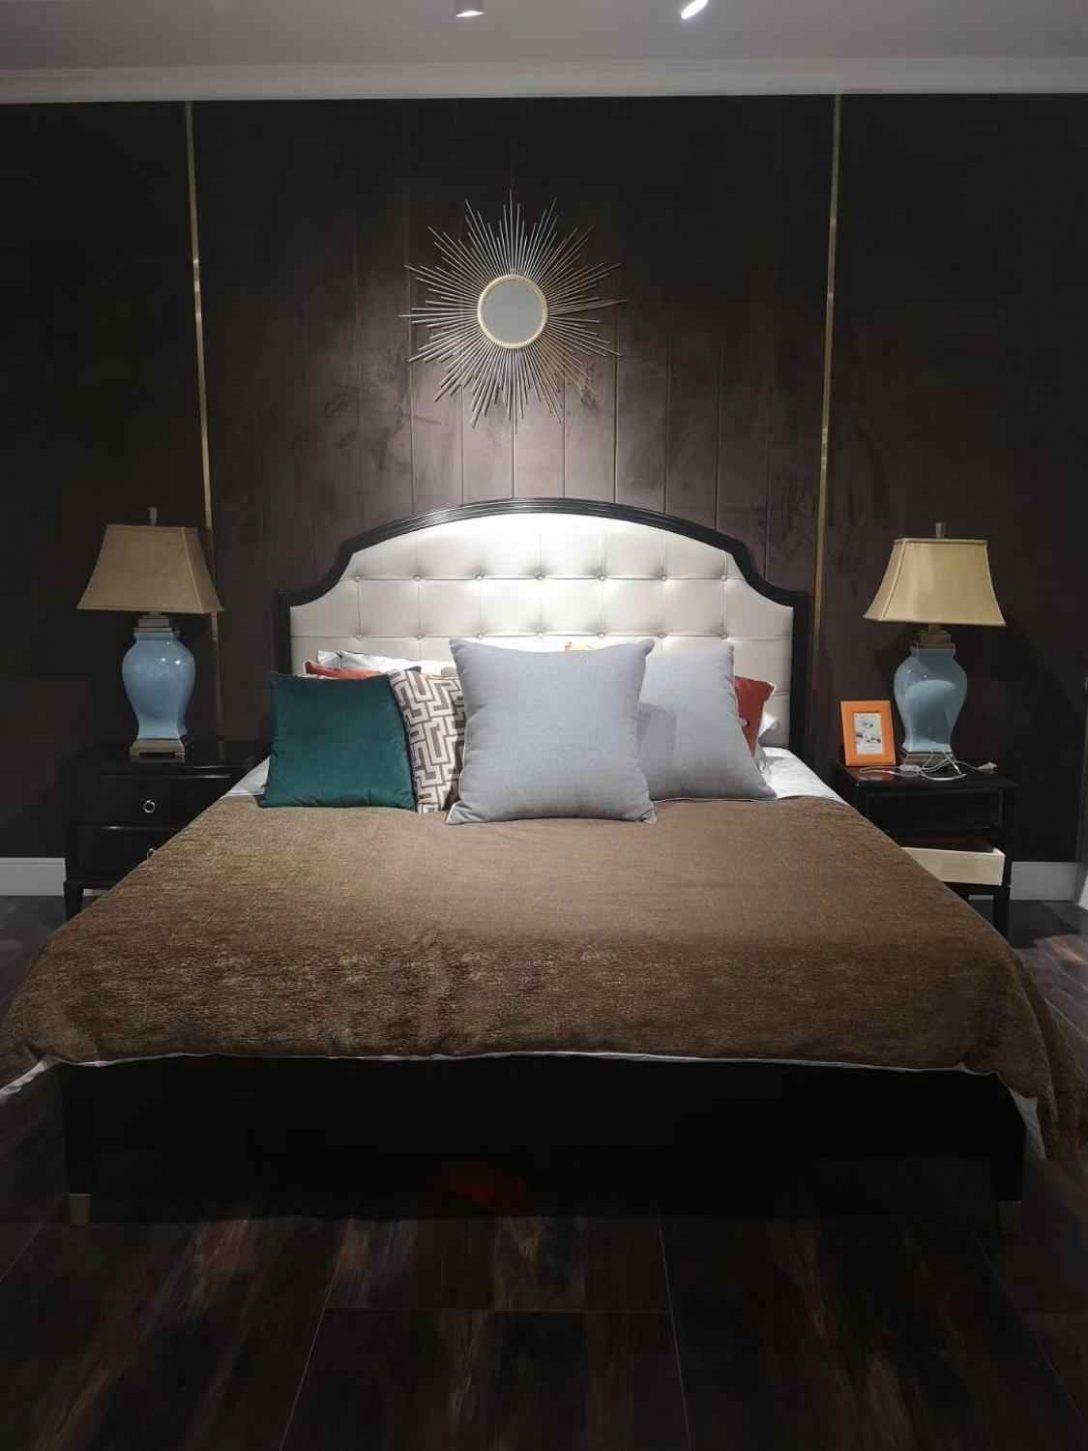 Large Size of Luxus Betten 2020 Schlafzimmer Anpassen Hotel Bett Fabrik Knig Knigin Ikea 160x200 Günstig Kaufen 180x200 Coole München 200x220 Ebay Mit Antike Oschmann Bett Luxus Betten